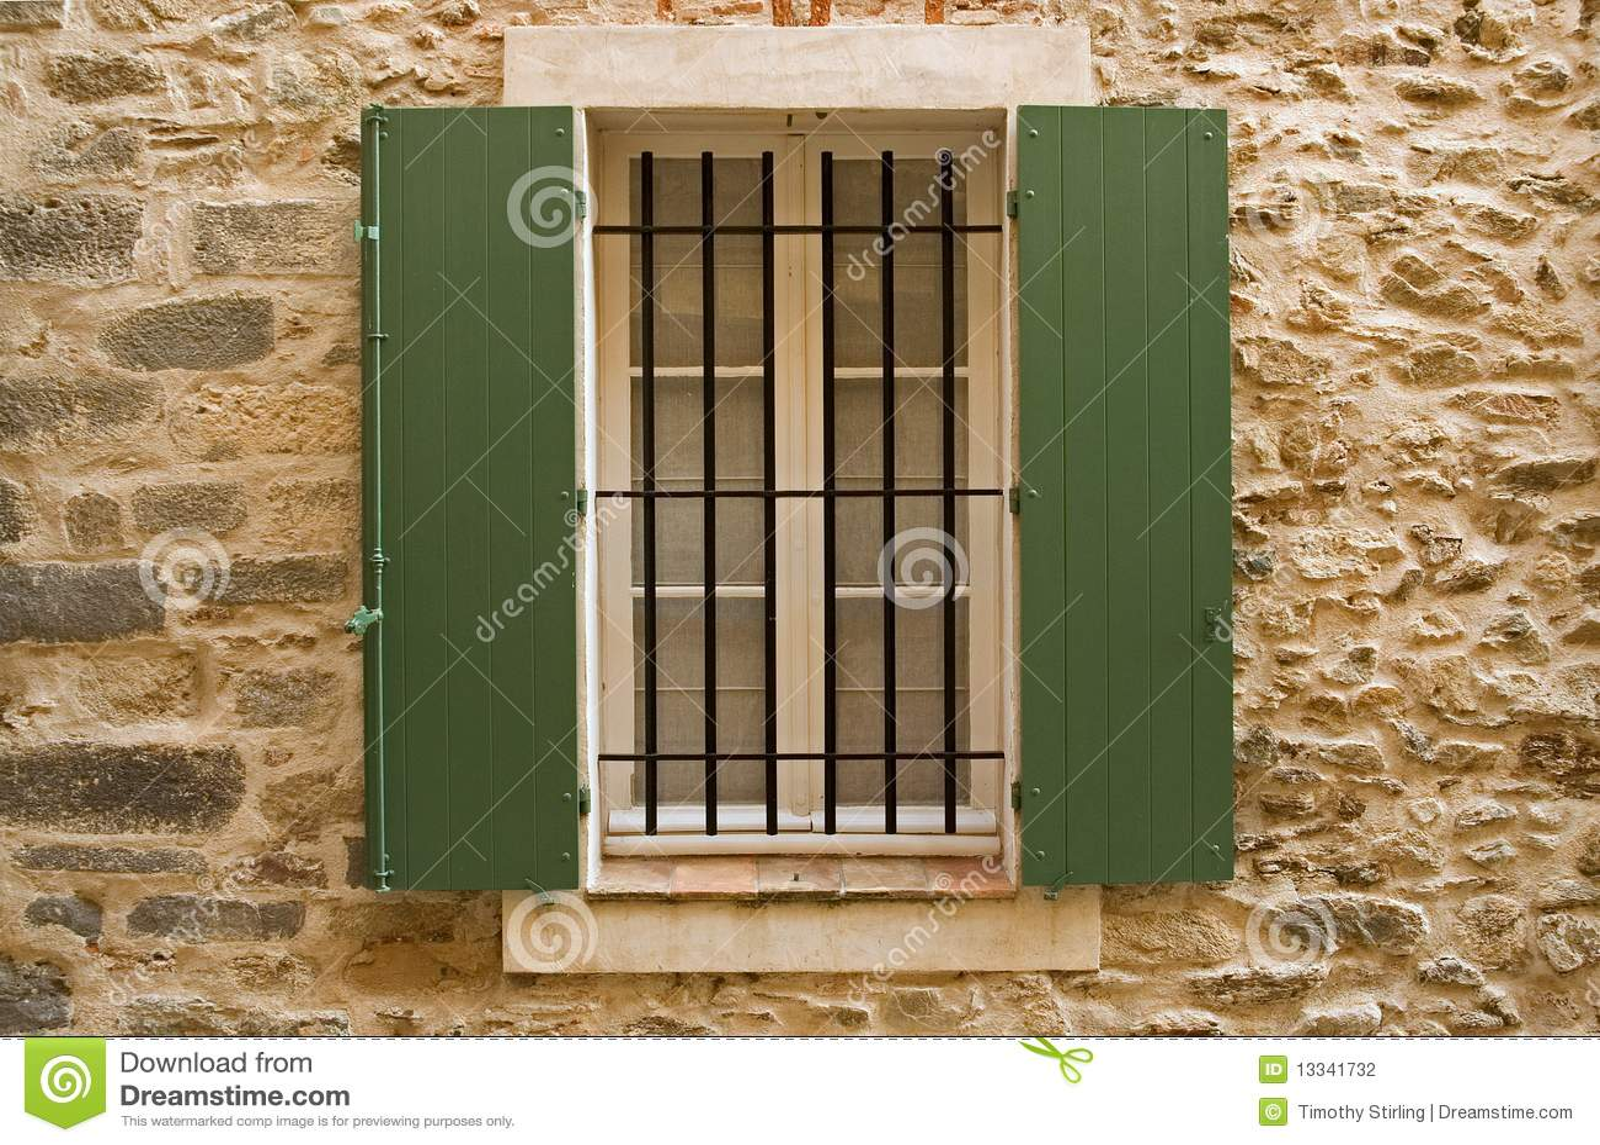 Zieleń zamyka okno